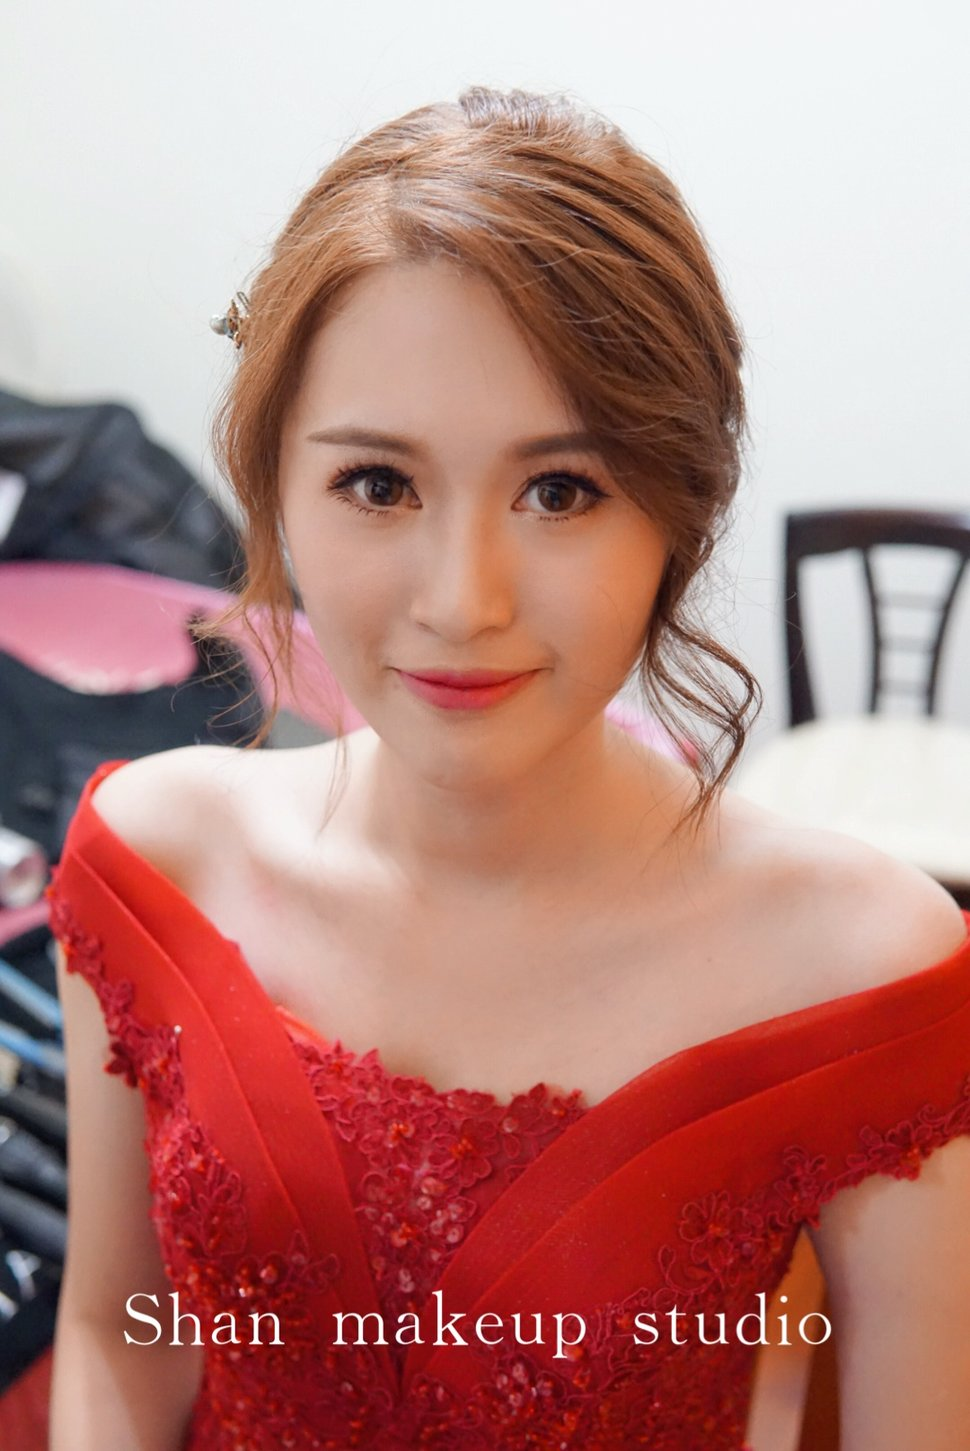 IMG_9230 - 湘翎Shan Makeup studio《結婚吧》